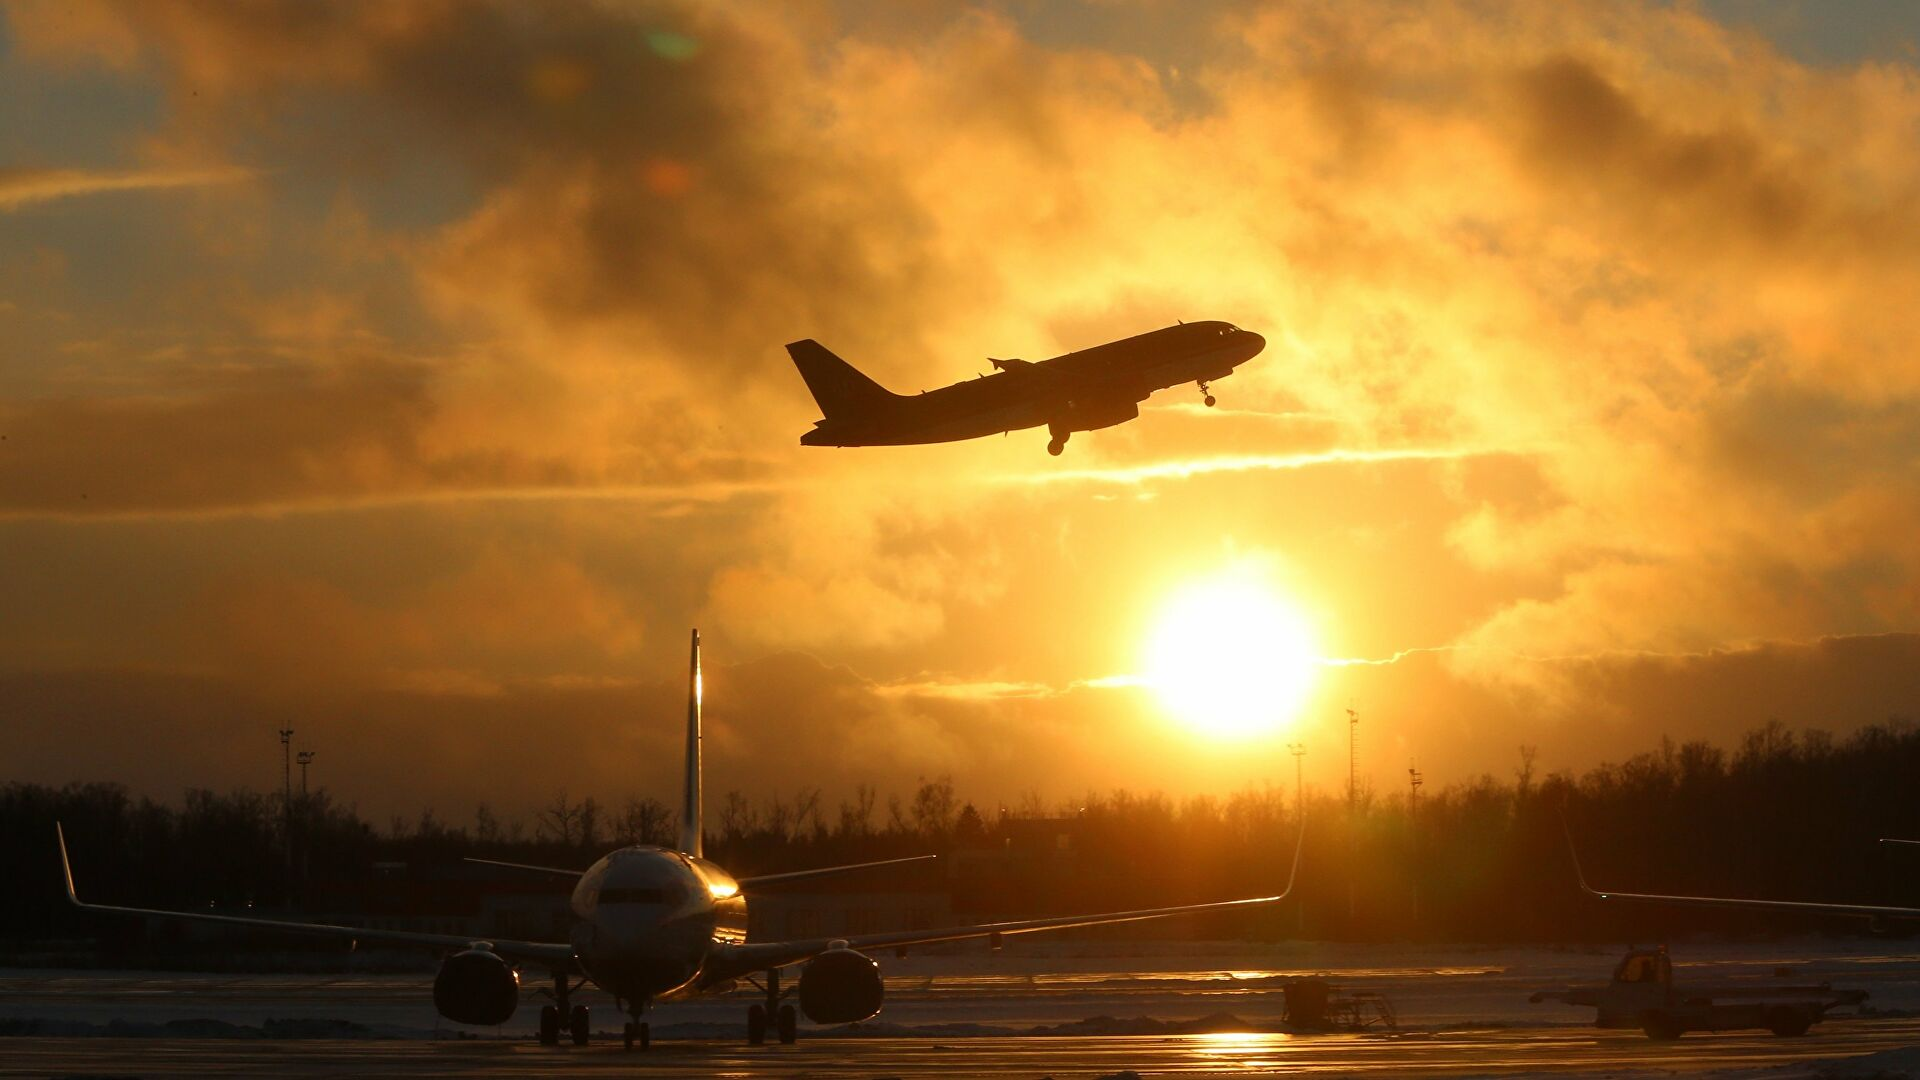 РБК: Россия разрешит прилет рейсов из Европы в обход Белоруссии